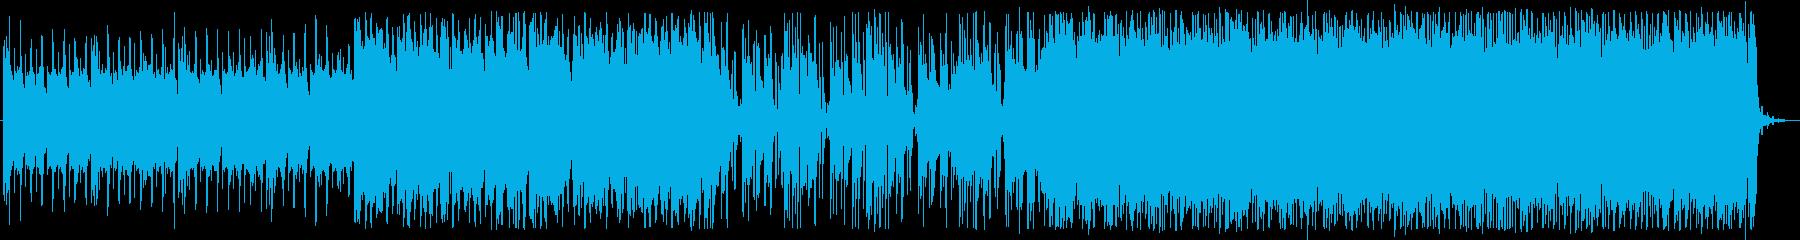 疾走感/エレクトロロック_No471_3の再生済みの波形